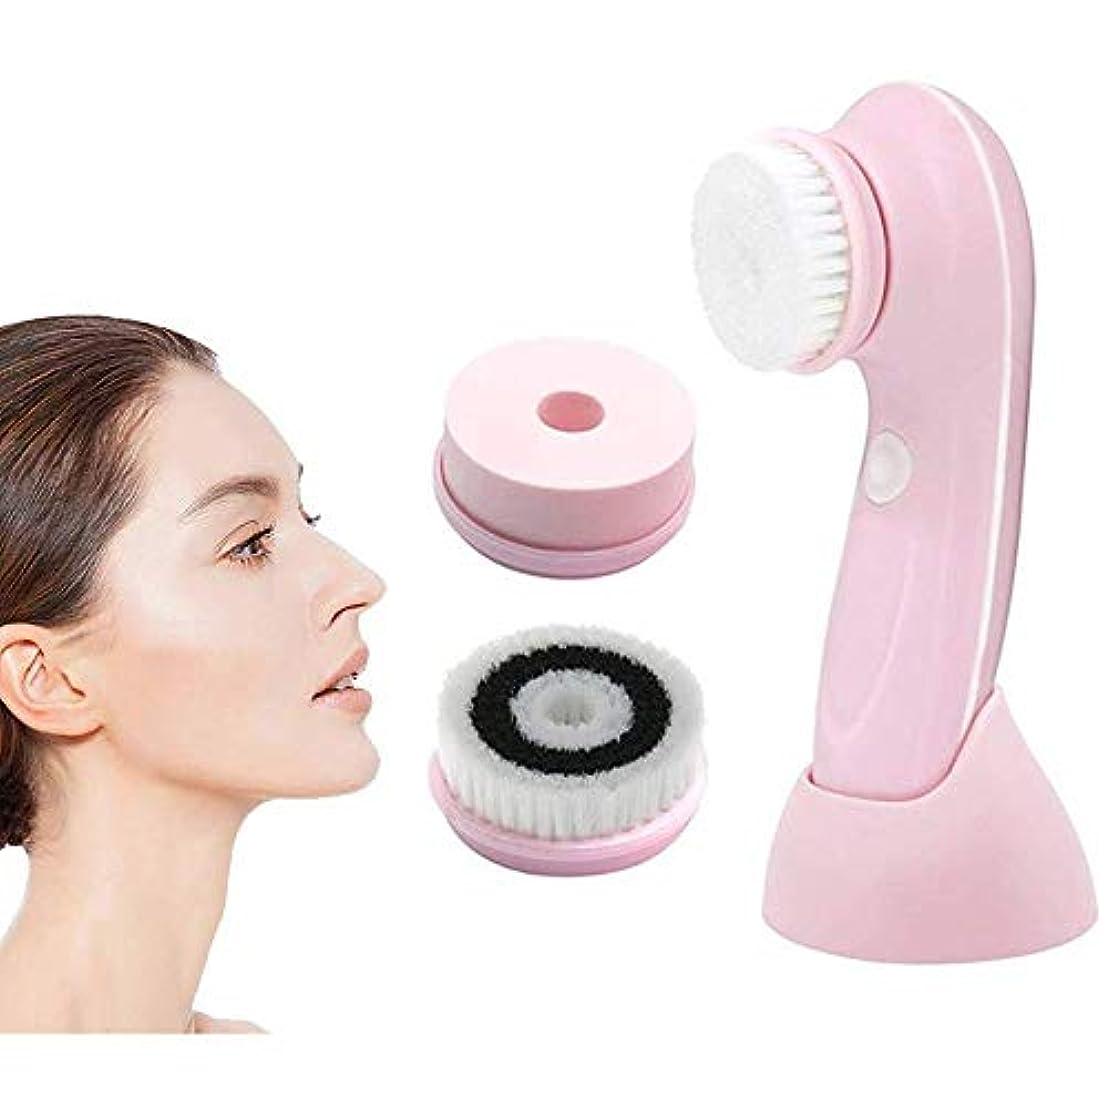 ファントムかび臭い文献KJRJCD 洗顔ブラシ、3つの交換用ヘッドとエクスフォリエイティング、ブラックヘッド、ポータブル顔スクラバー用USB充電式プロフェッショナル洗顔ブラシ、ピンクスピニング